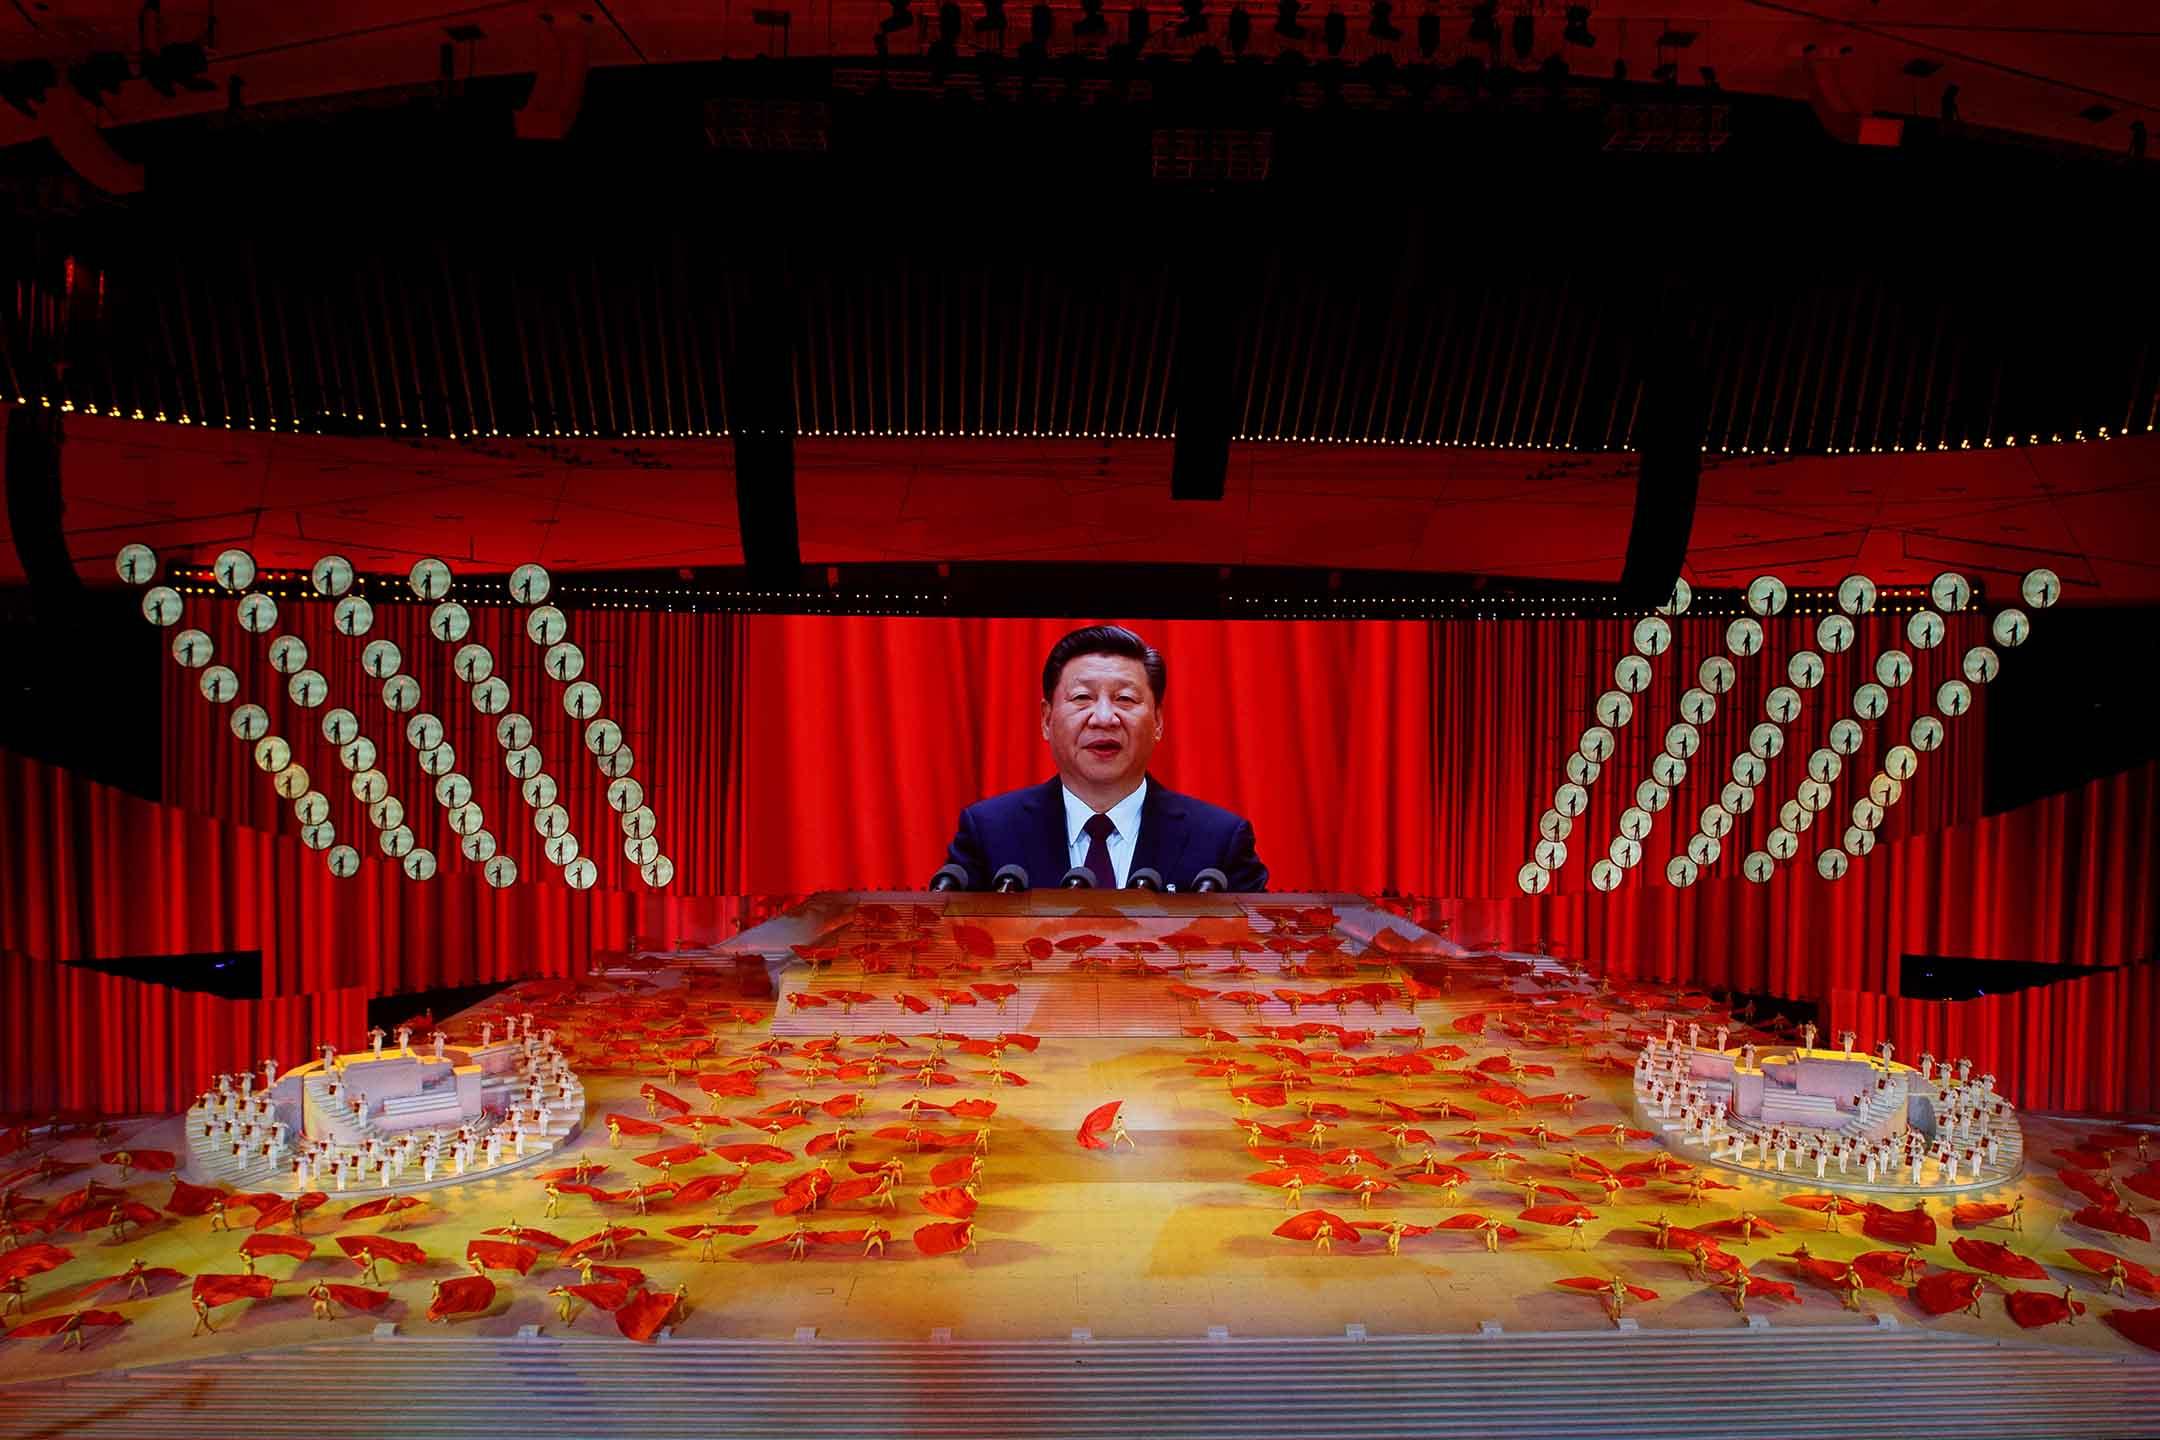 2021年6月28日,中國國家主席習近平在慶祝中國共產黨成立100週年節目的屏幕上。 攝:Thomas Peter/Reuters/達志影像